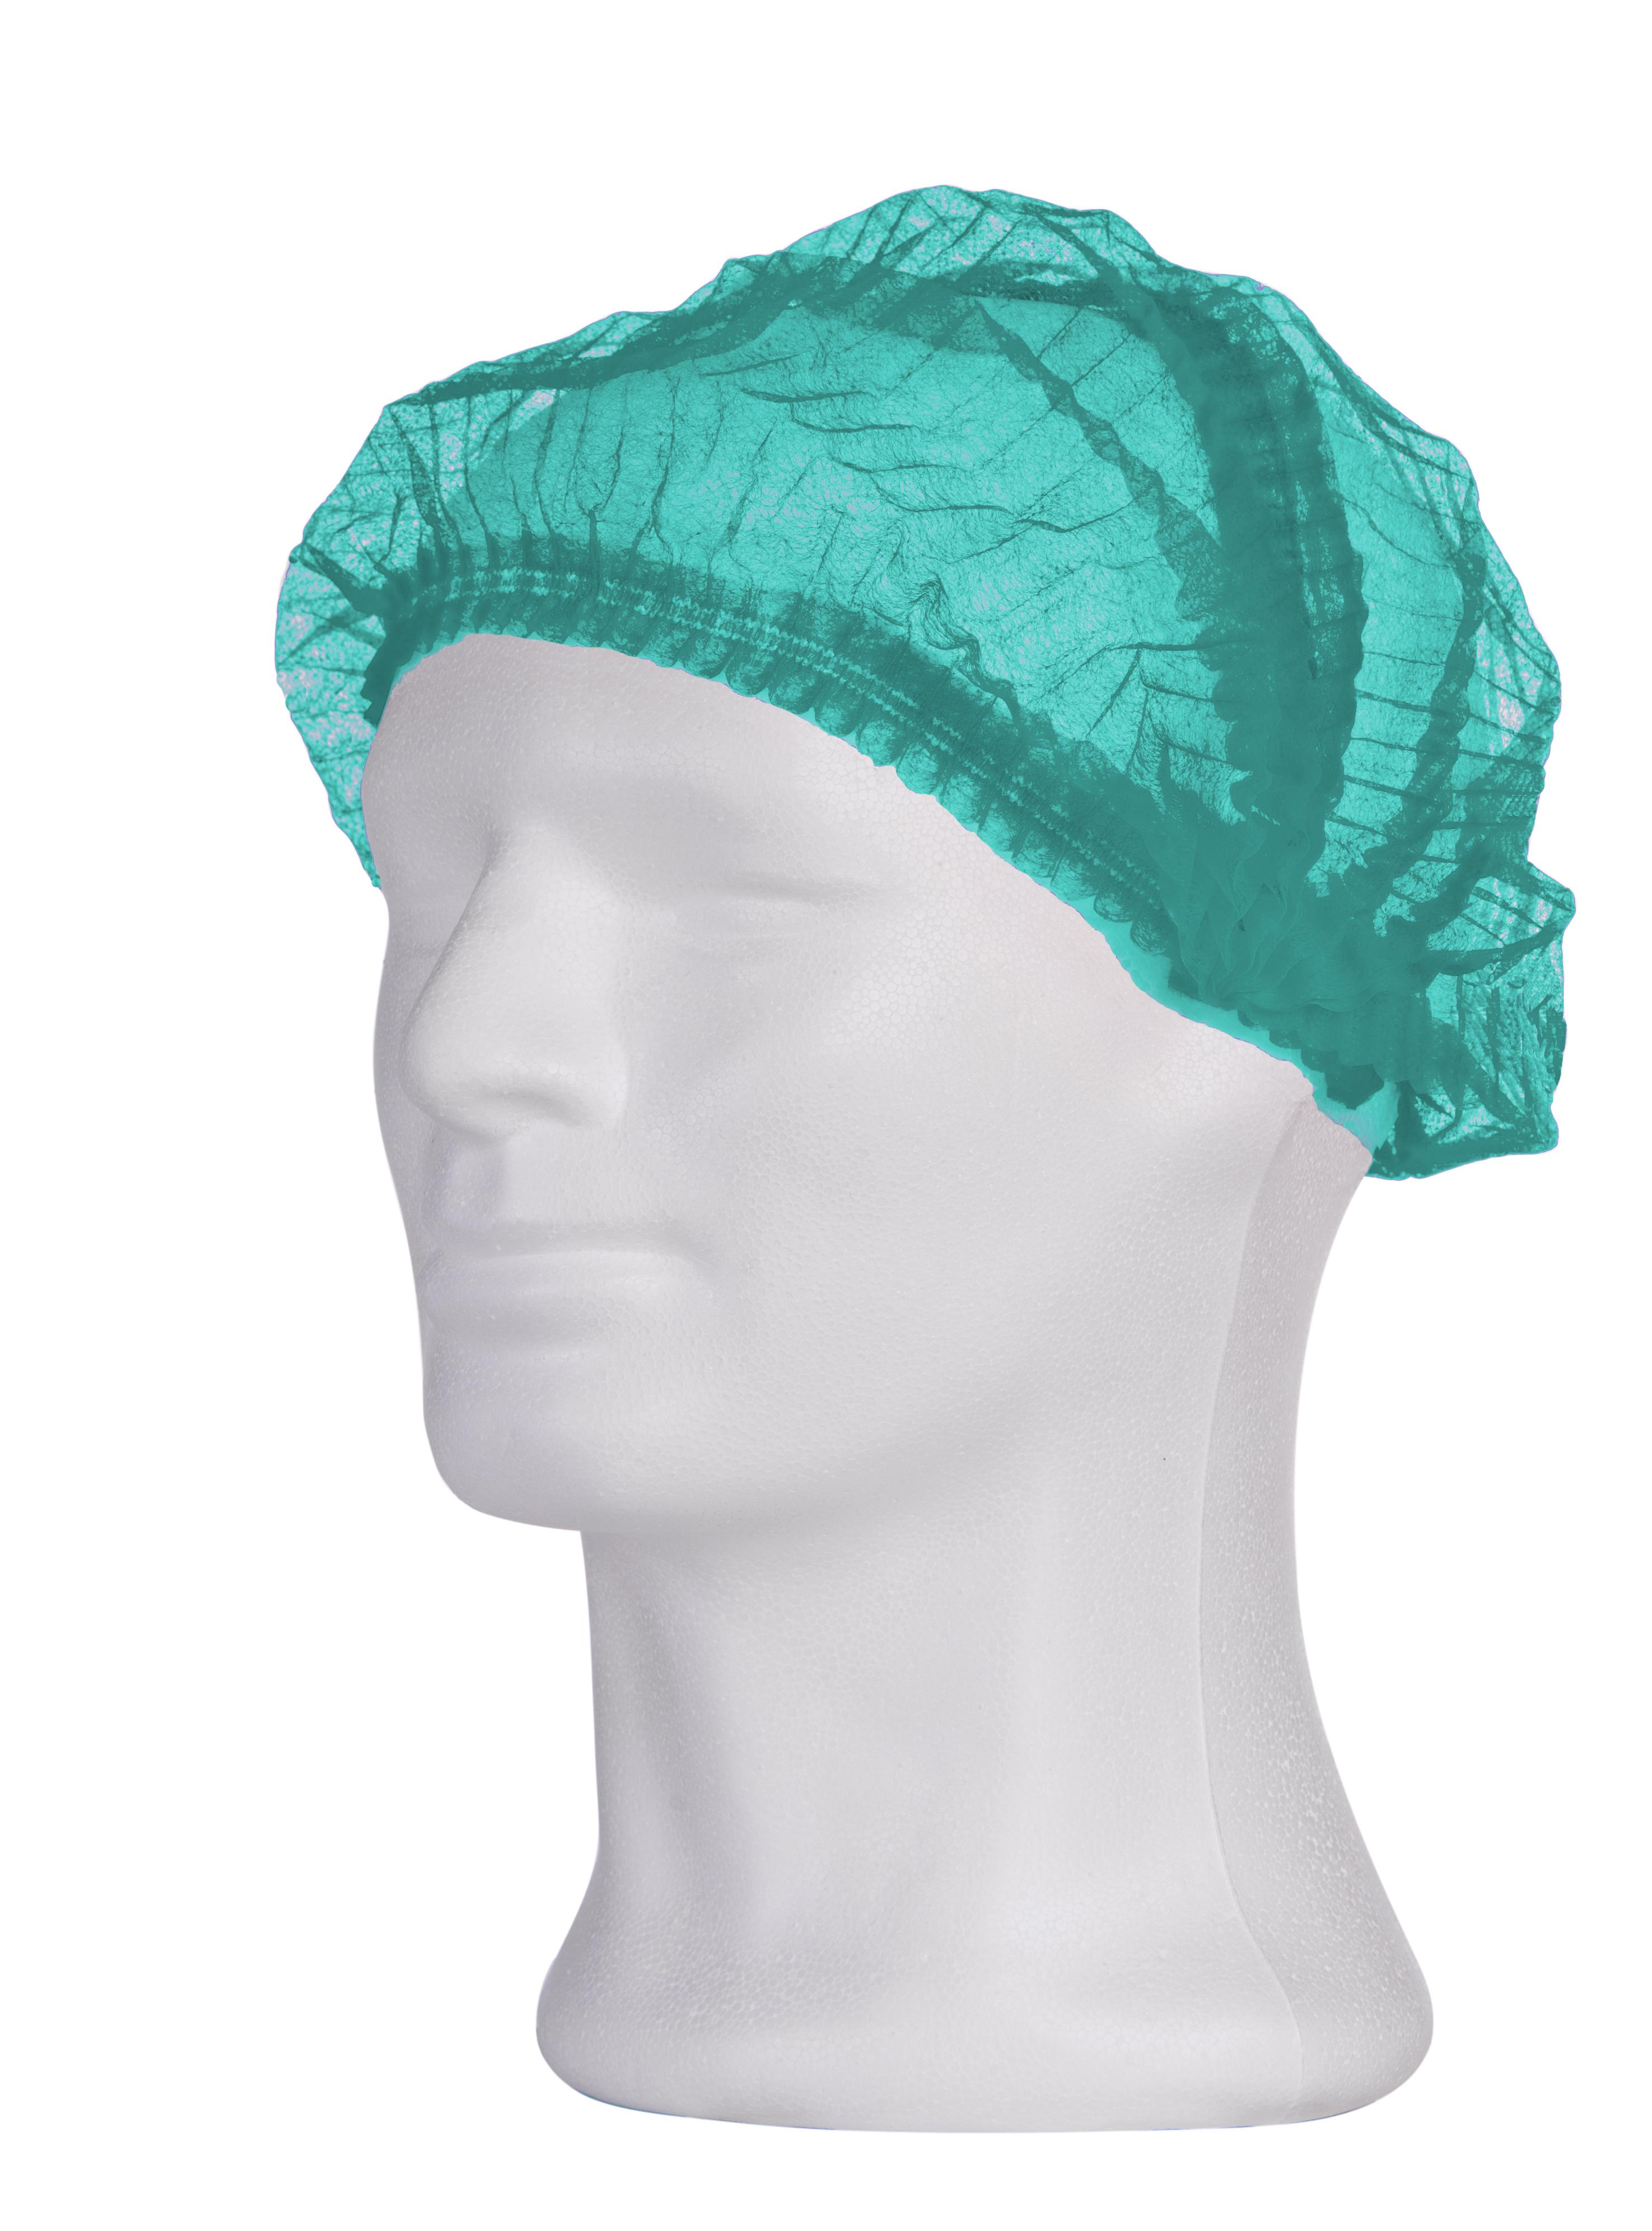 Klipphaube in grün, Packung à 100 Stück